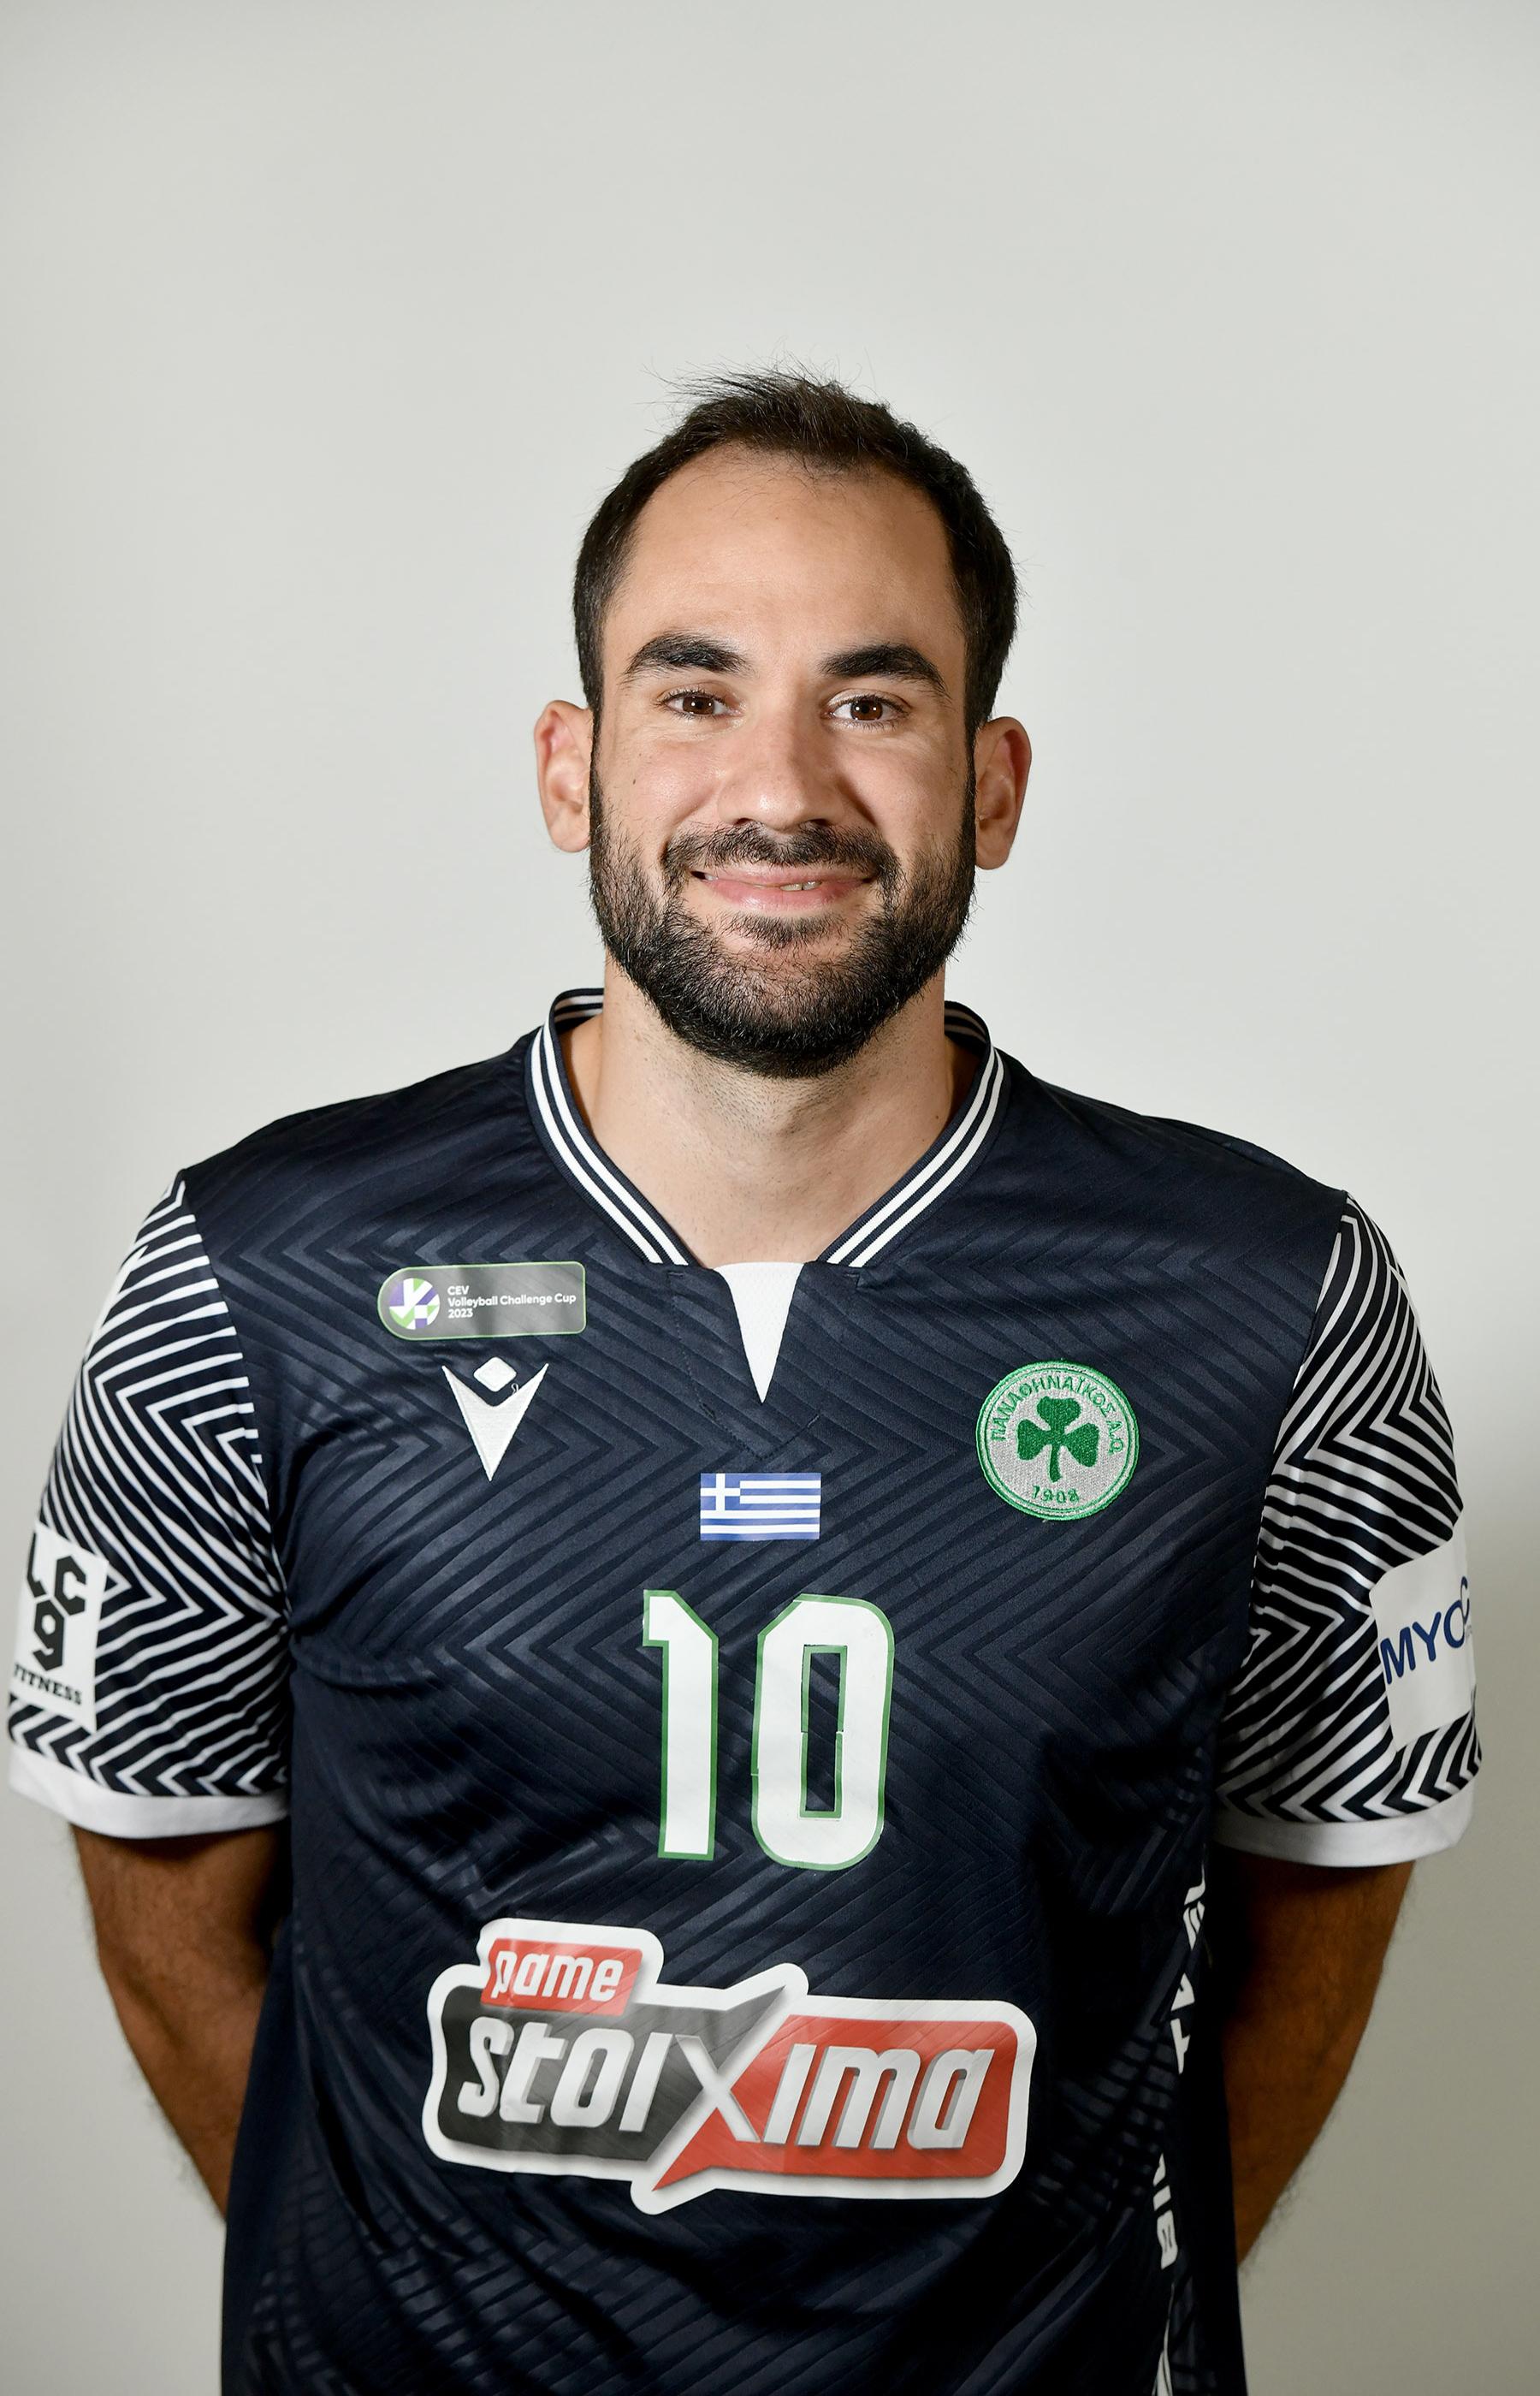 ZISIS Dimitrios